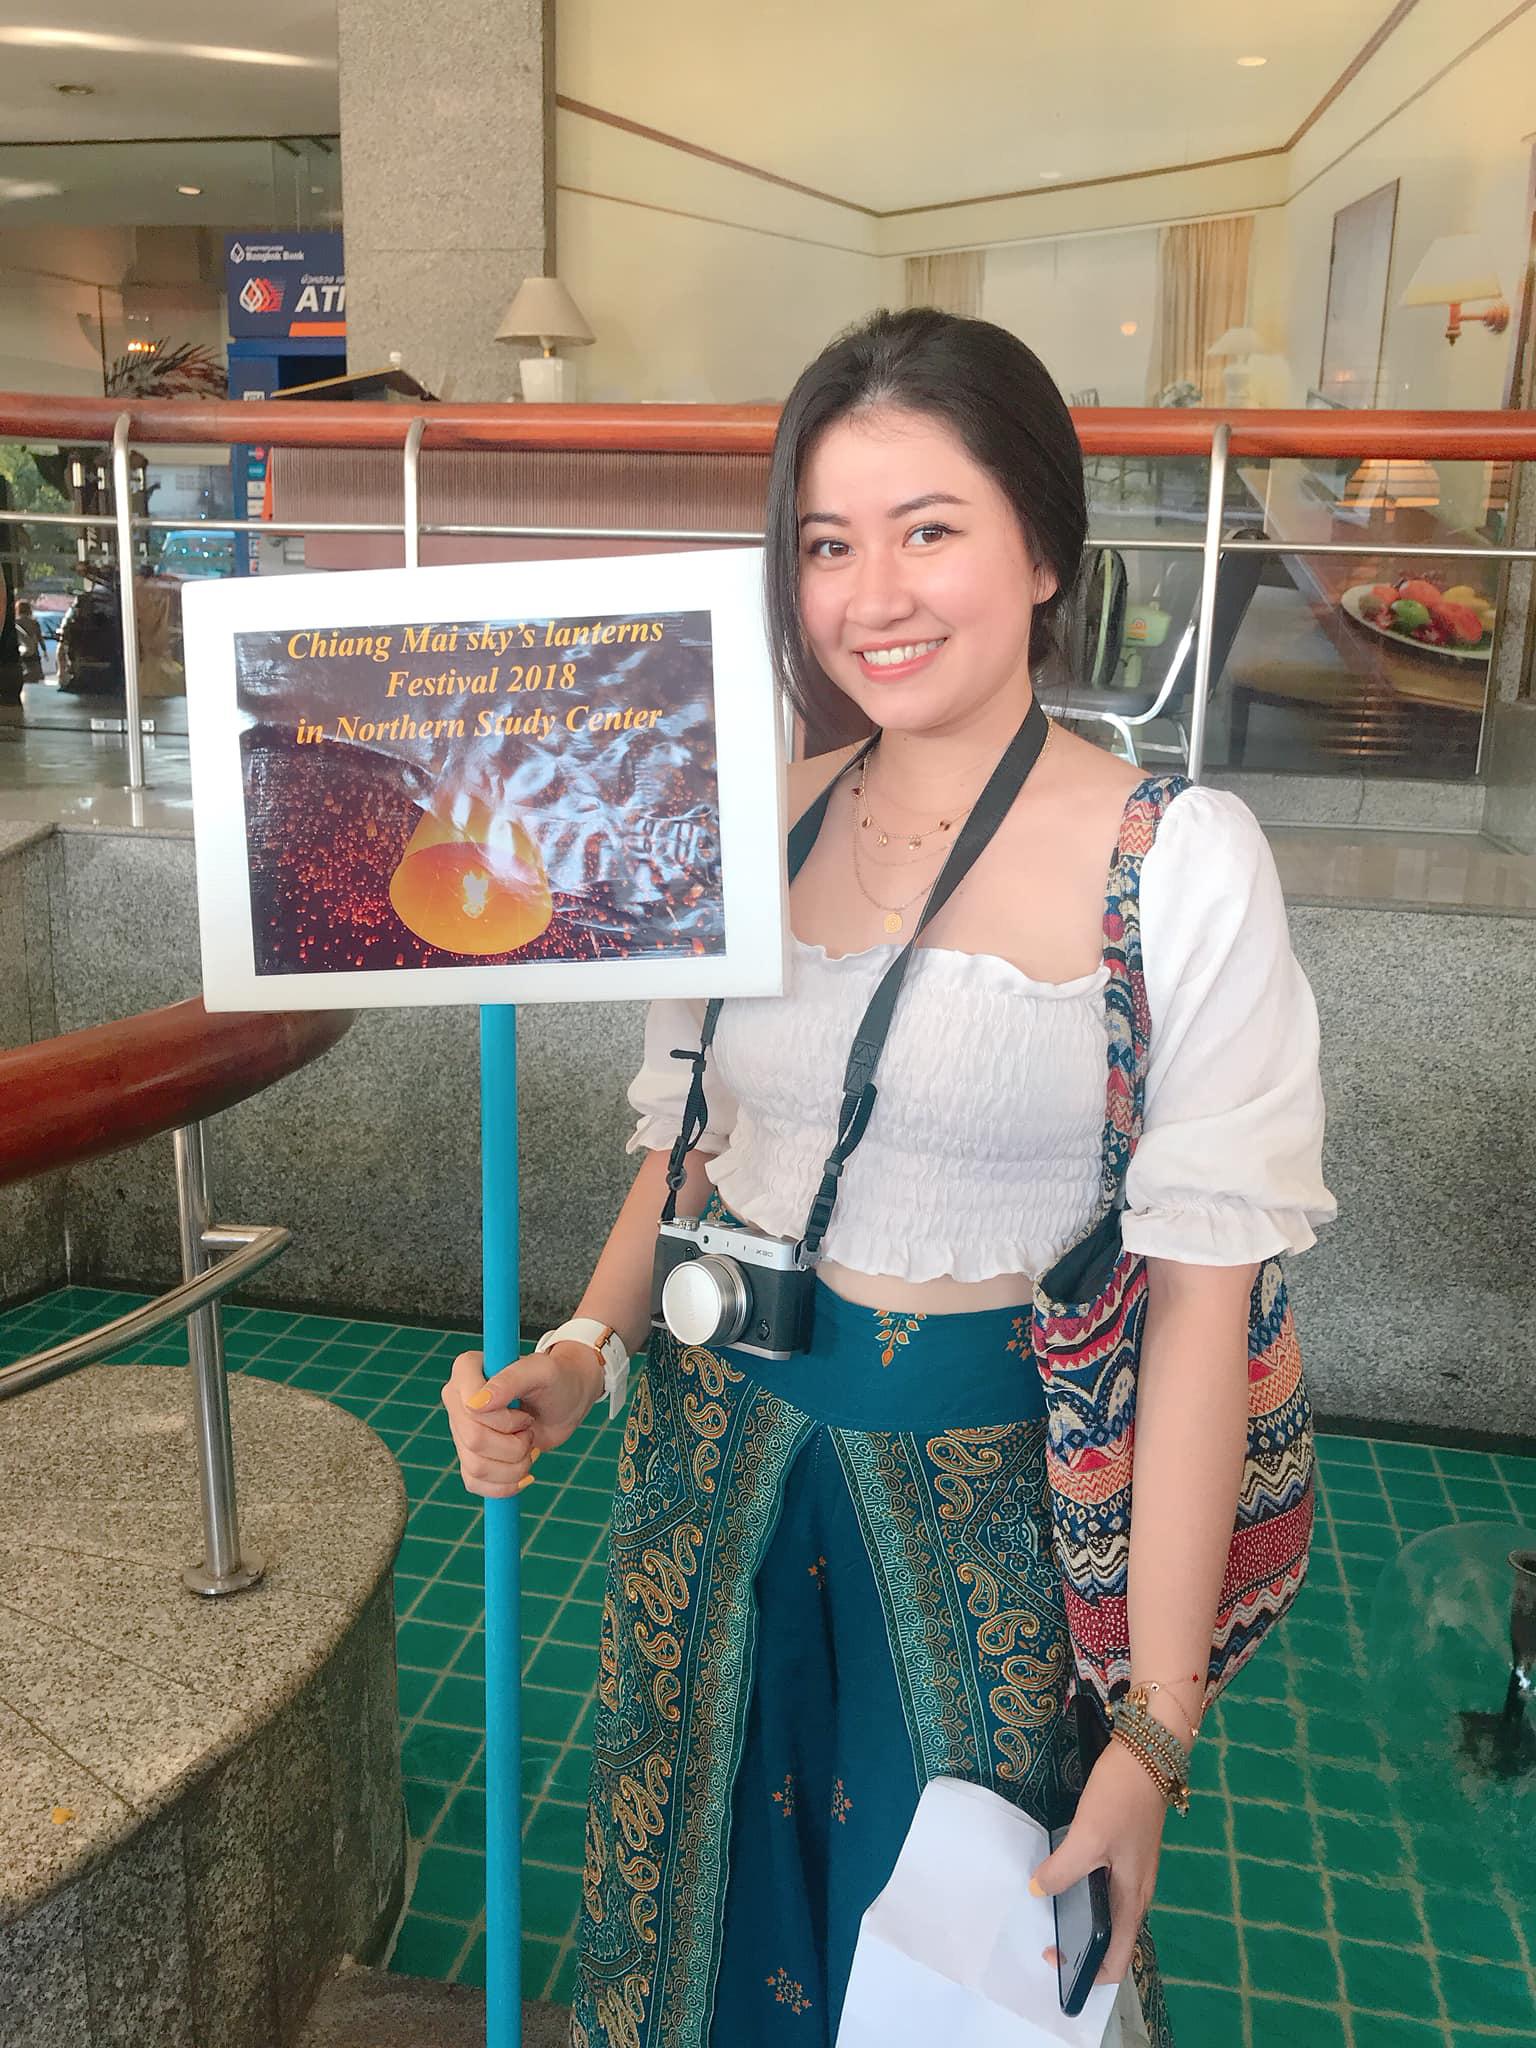 Gái xinh Việt làm tiếp viên hàng không tại Đài Loan, từng trượt phỏng vấn chỉ vì câu hỏi: Bạn thích màu gì nhất? - Ảnh 3.